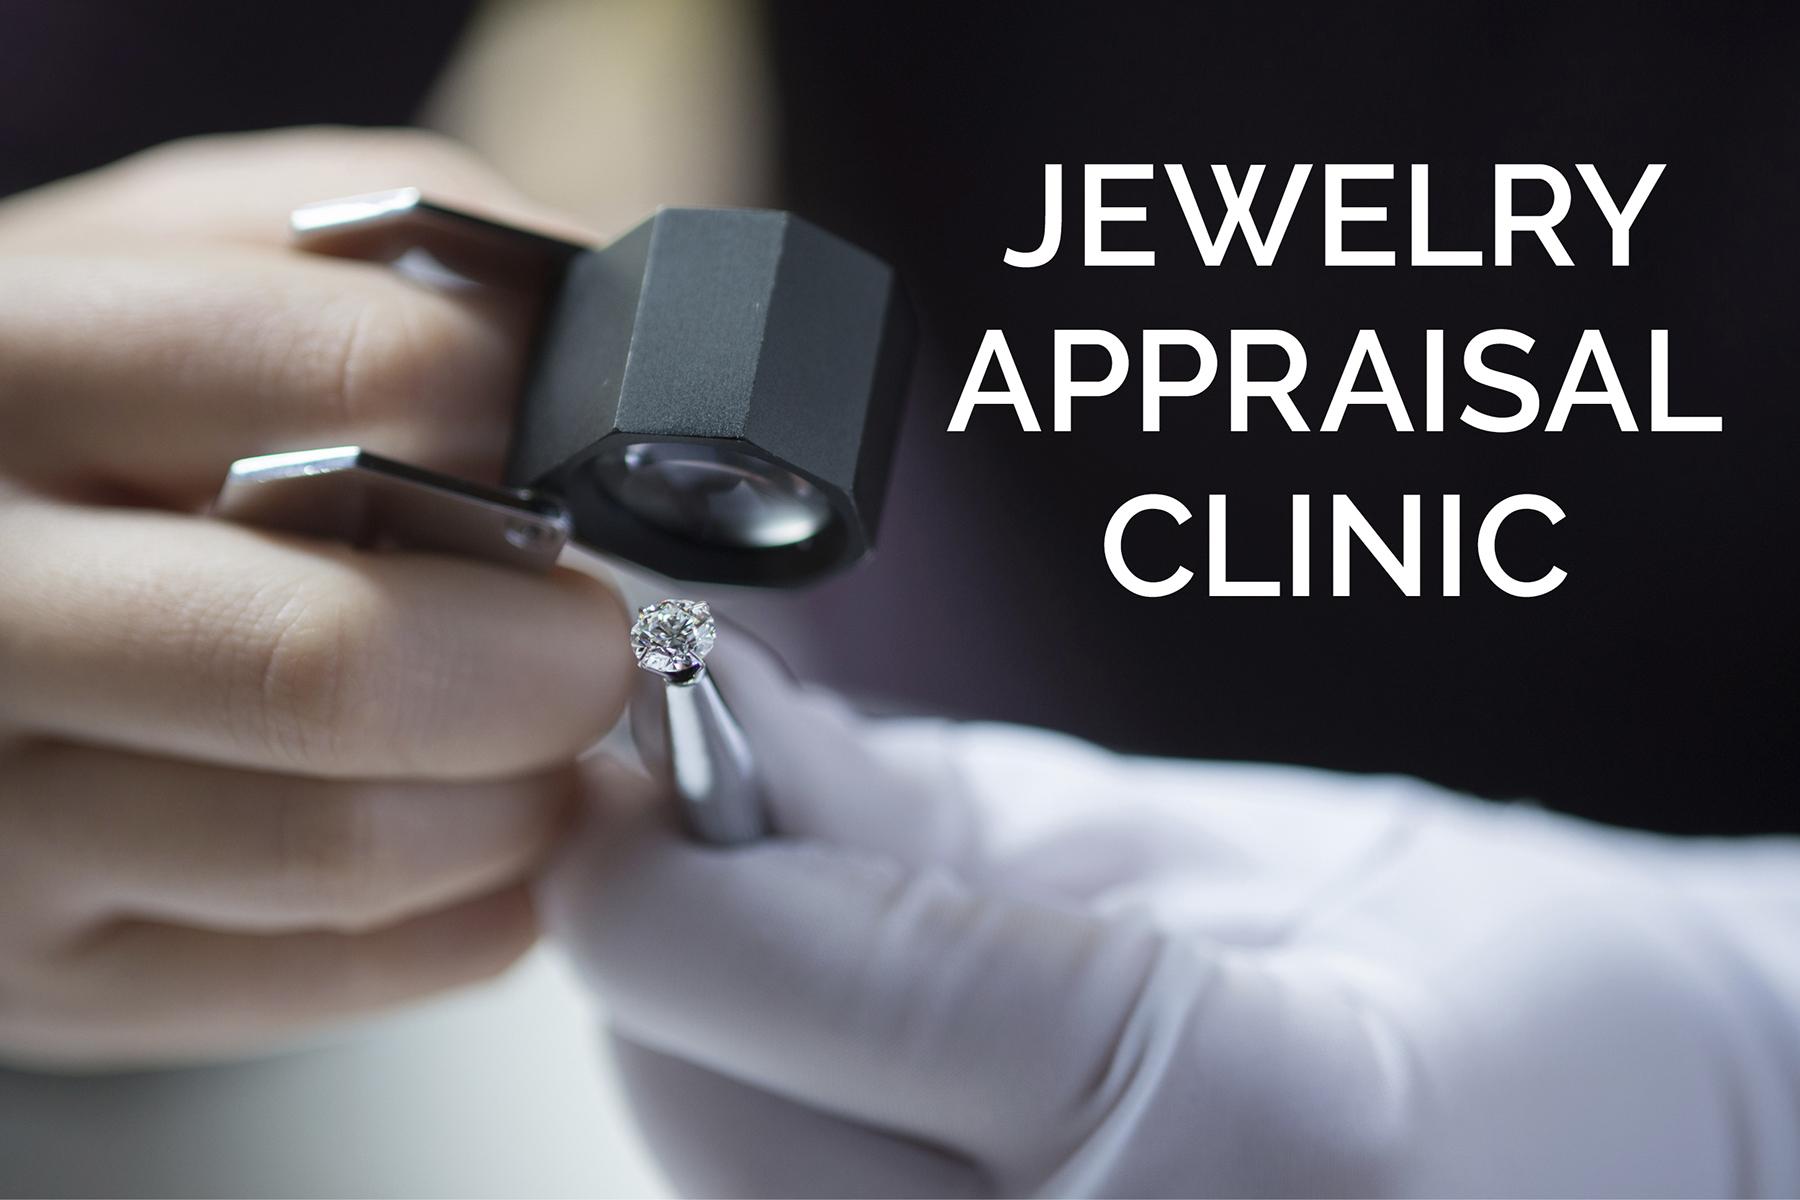 Jewelry Appraisal Clinic